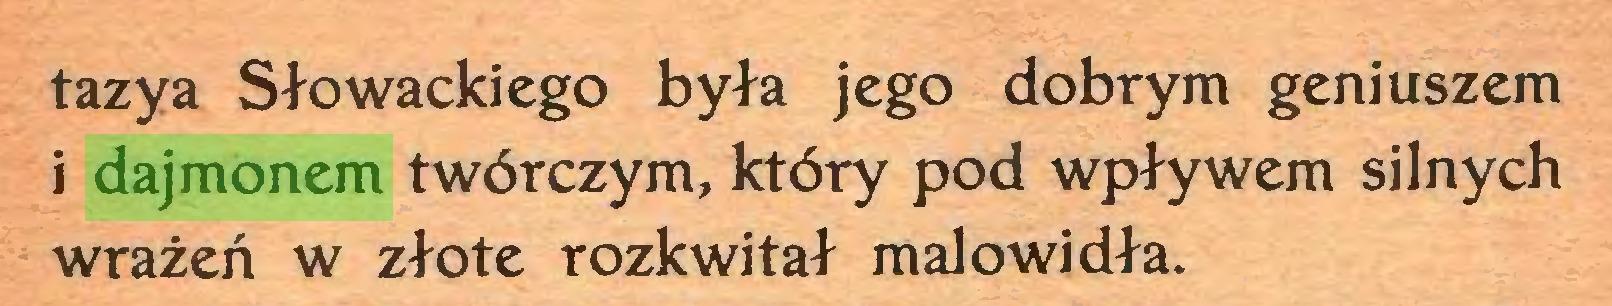 (...) tazya Słowackiego była jego dobrym geniuszem i dajmonem twórczym, który pod wpływem silnych wrażeń w złote rozkwitał malowidła...